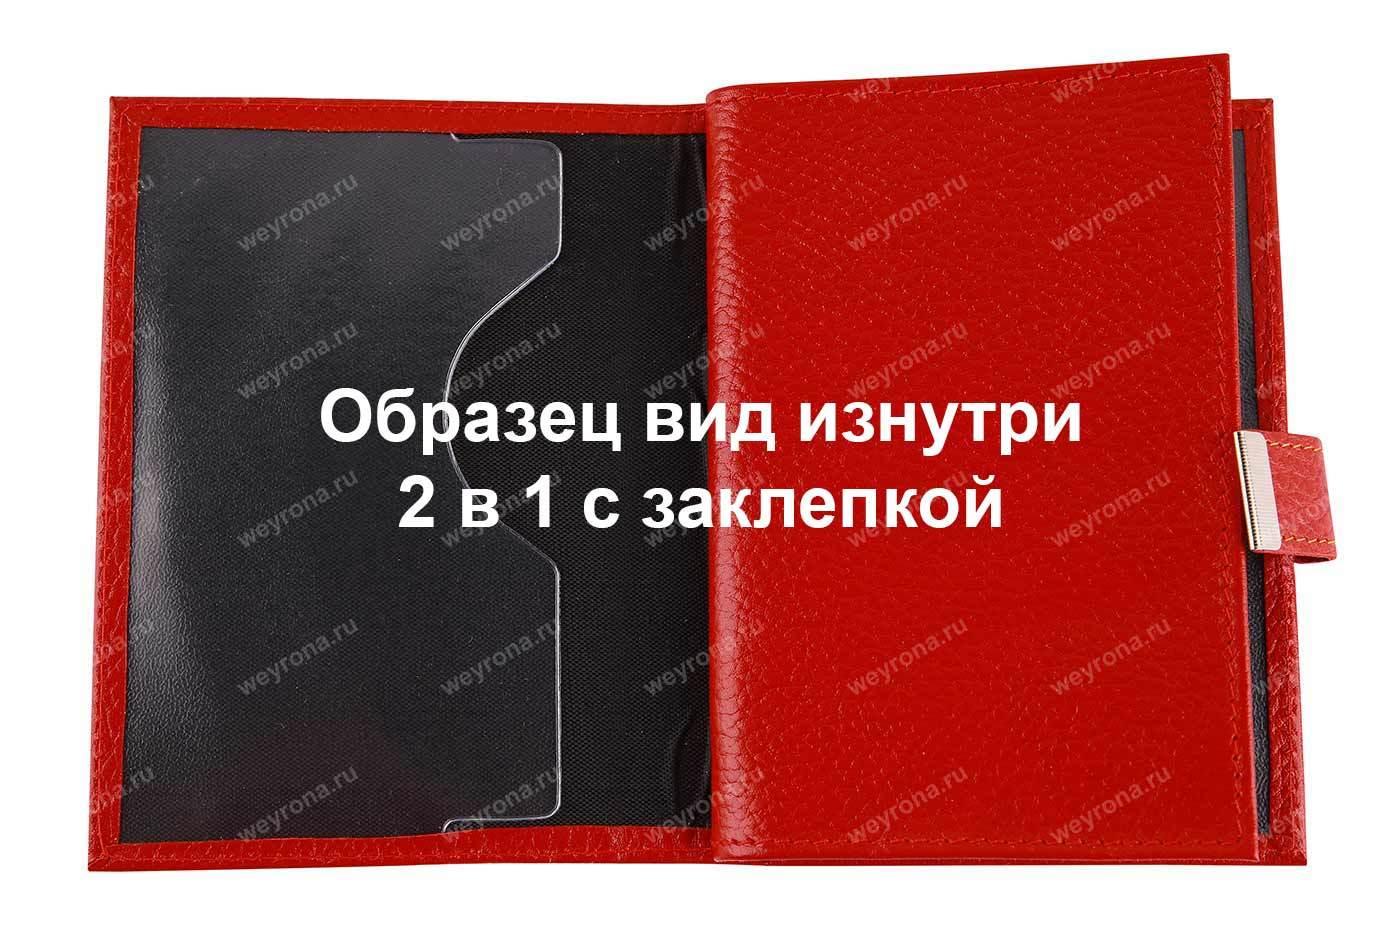 Обложка с заклепкой ФЛОТЕР КРАСНАЯ  2 в 1 (ТЕЛЯЧЬЯ КОЖА)